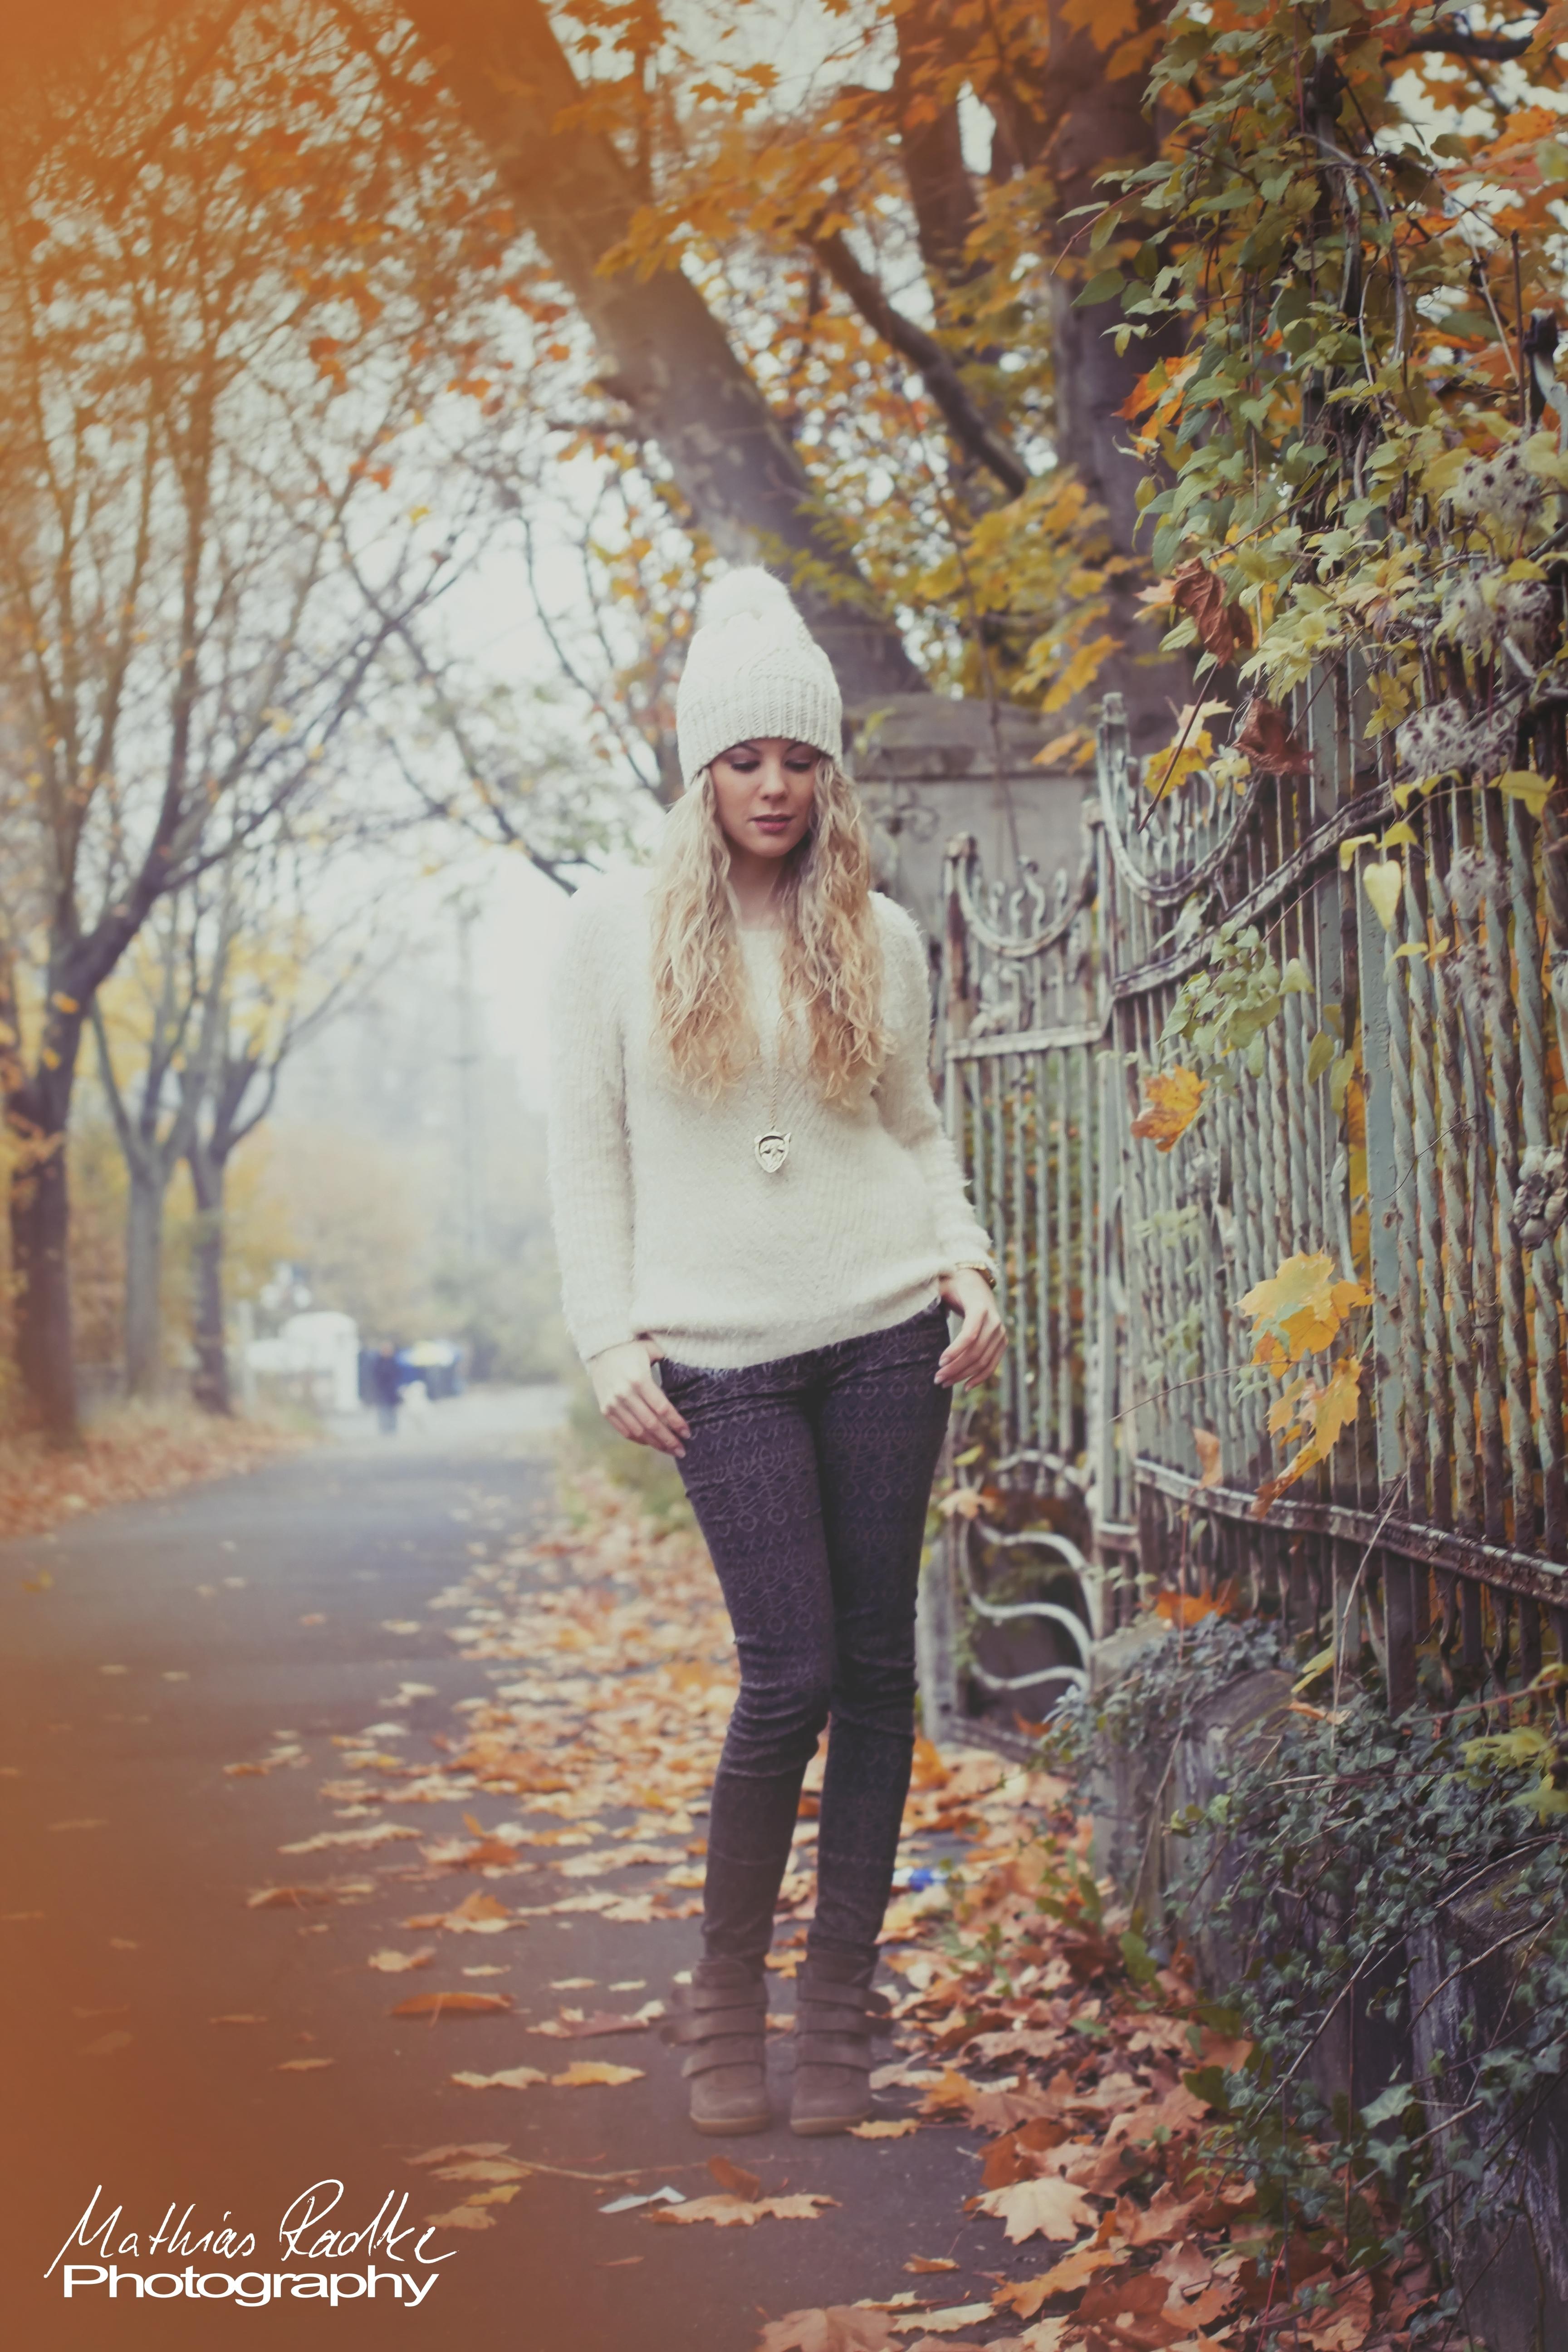 MissBB's OOTD… oder wie man sagen würde: Outfit of the Day & verliebt in Kuschel-Pullis